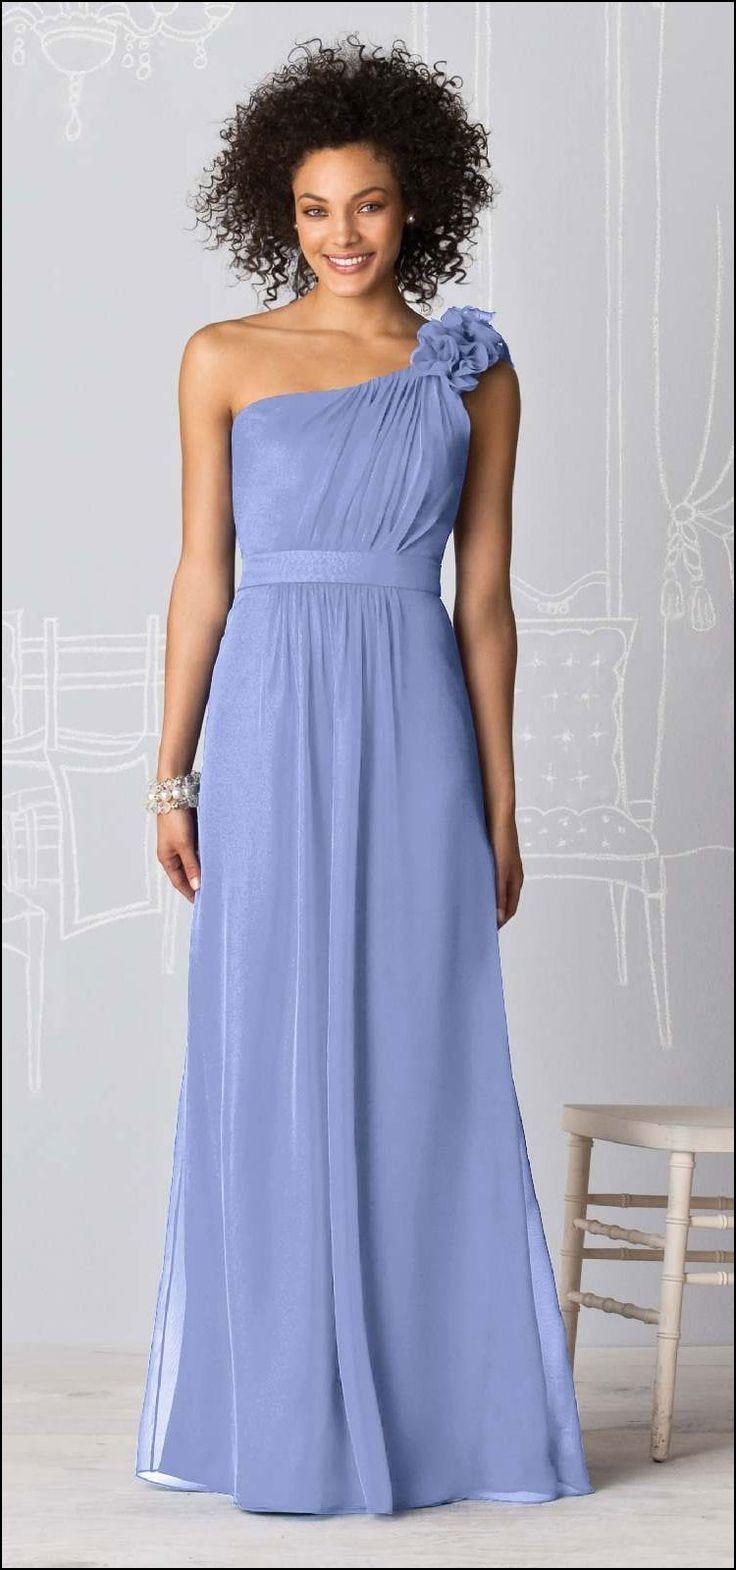 Mer enn 25 bra ideer om periwinkle bridesmaid dresses p pinterest periwinkle bridesmaid dresses ombrellifo Images